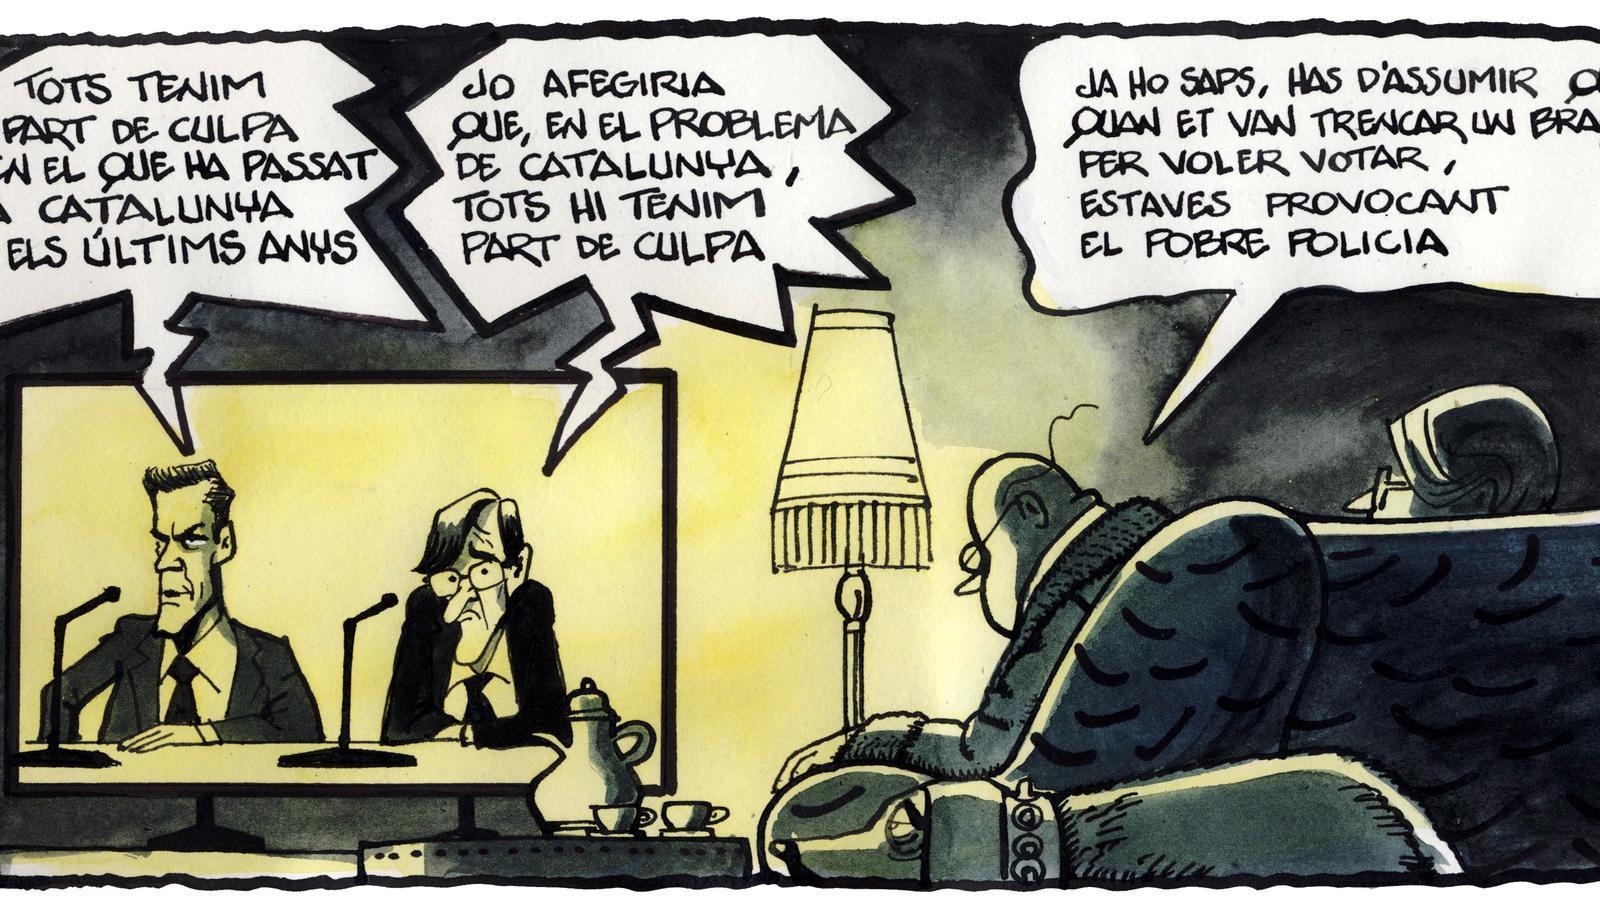 'A la contra', per Ferreres 07/01/2021